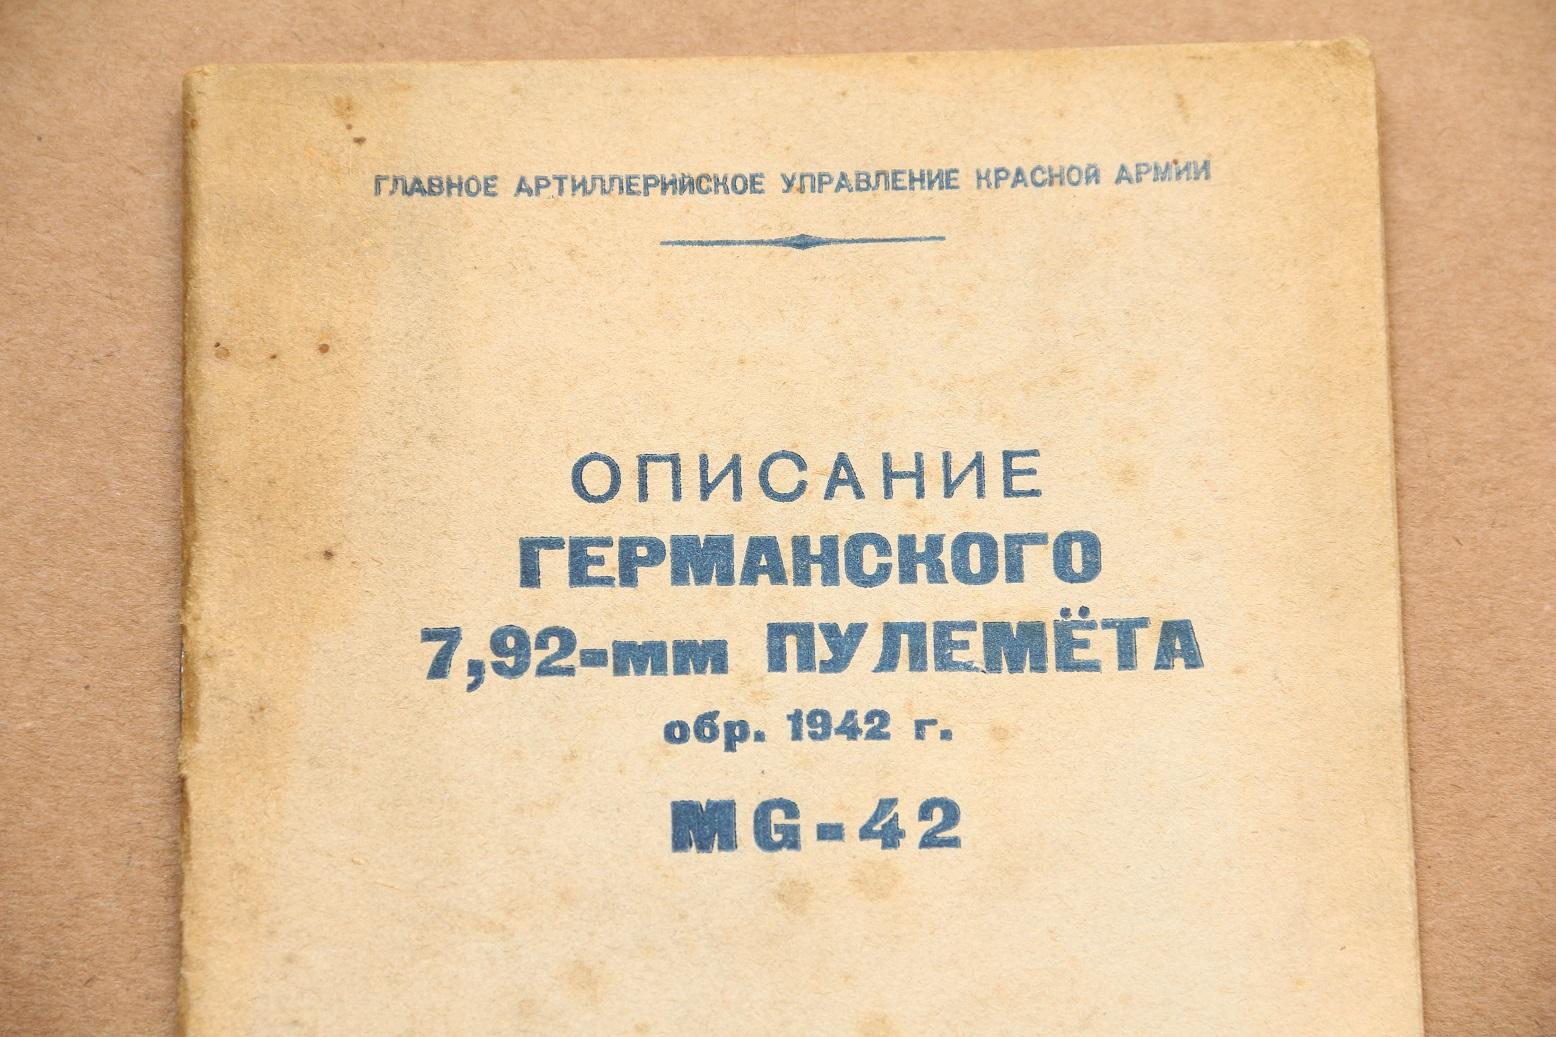 Описание германского пулемета 7,92-мм обр. 1942 г. MG-42, 1944 год